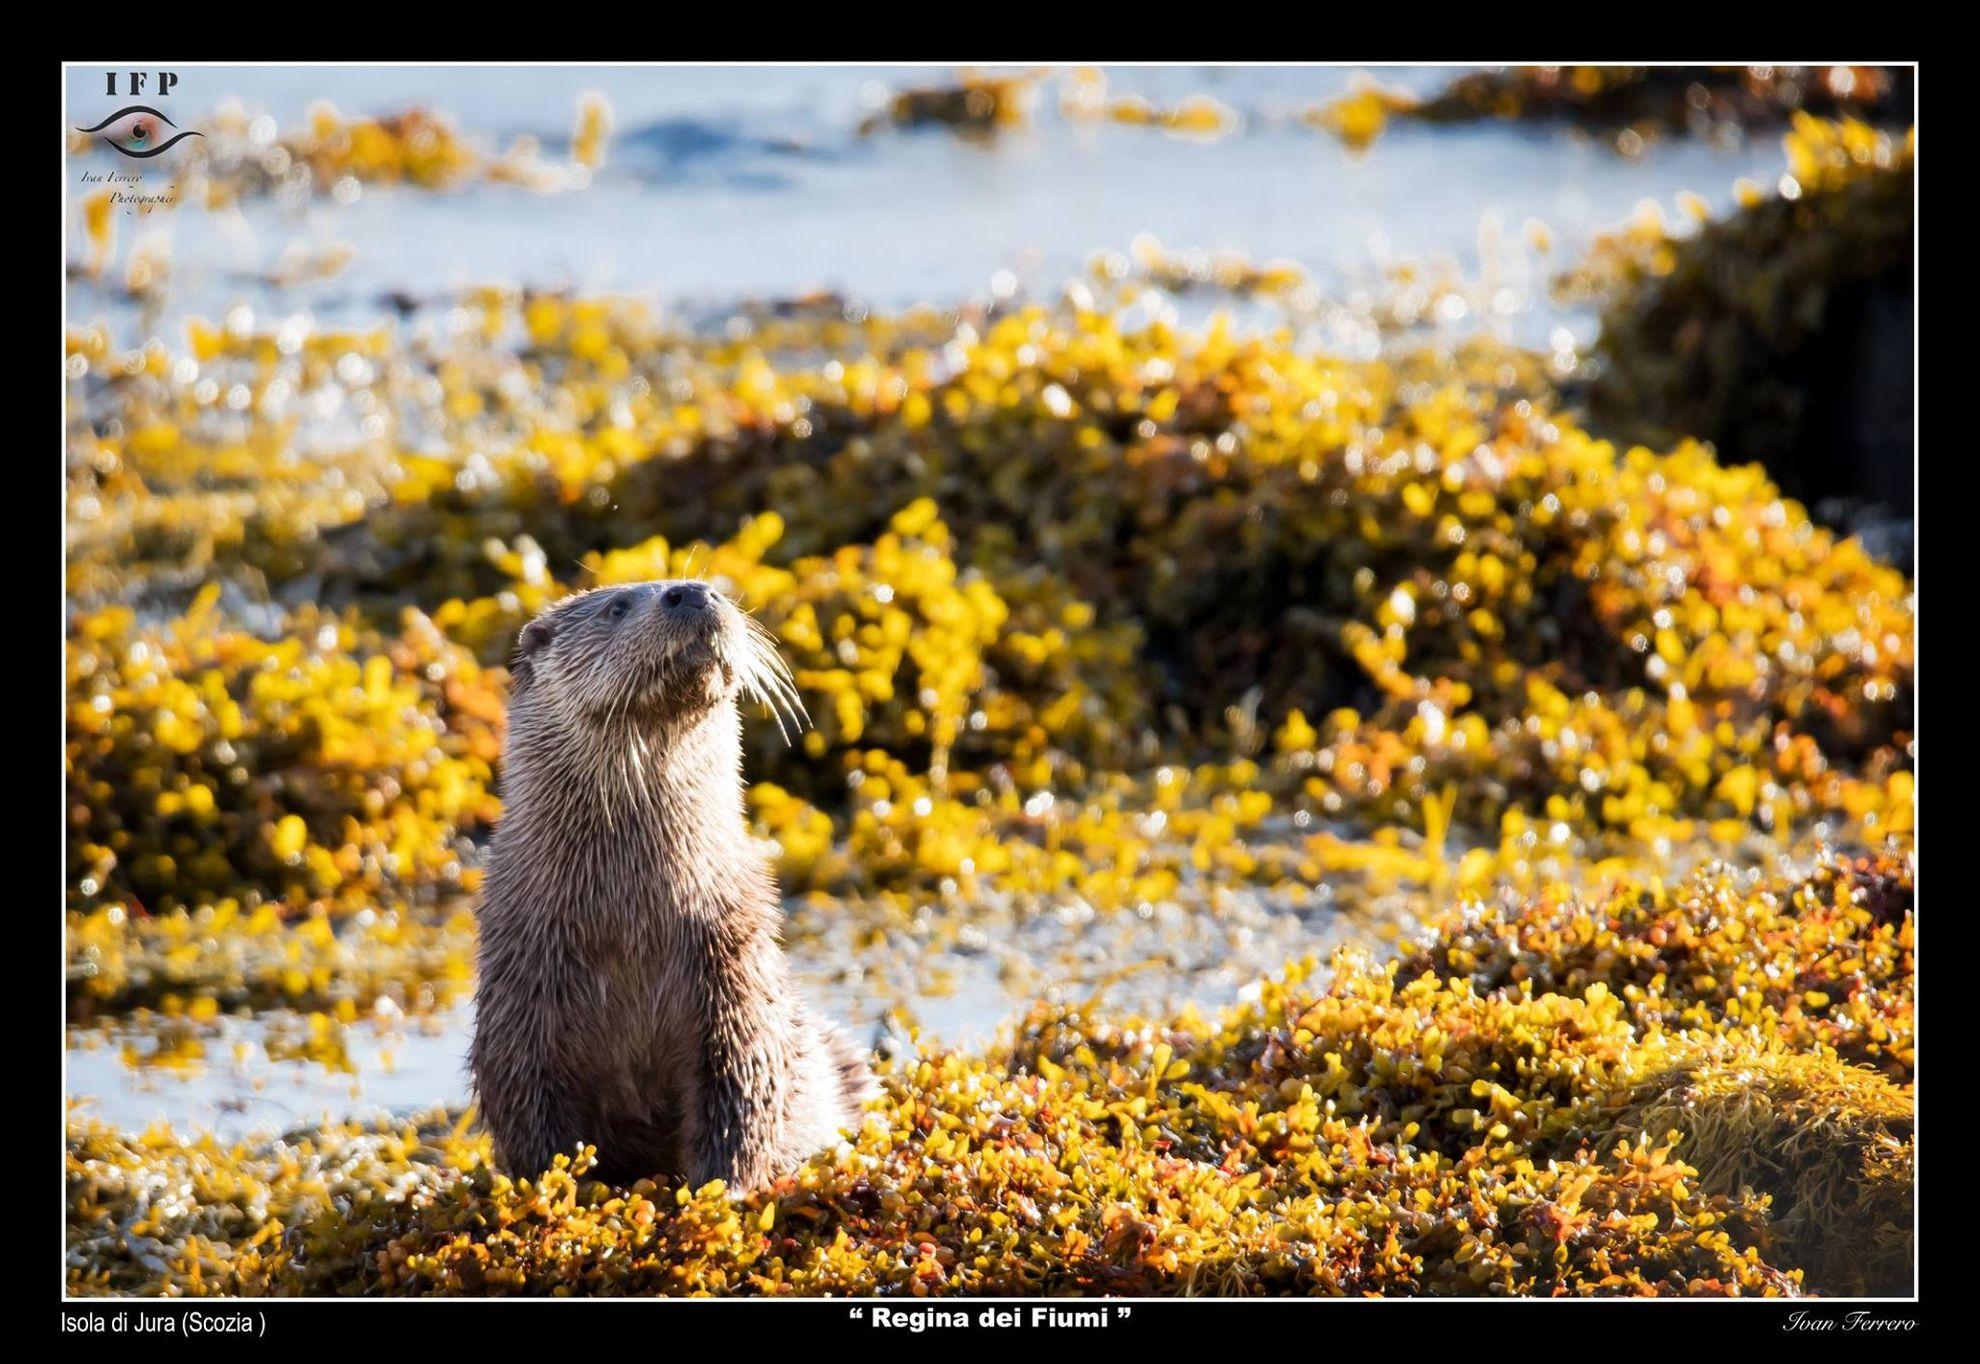 dove vedere gli animali selvaggi in Scozia - animali scozia